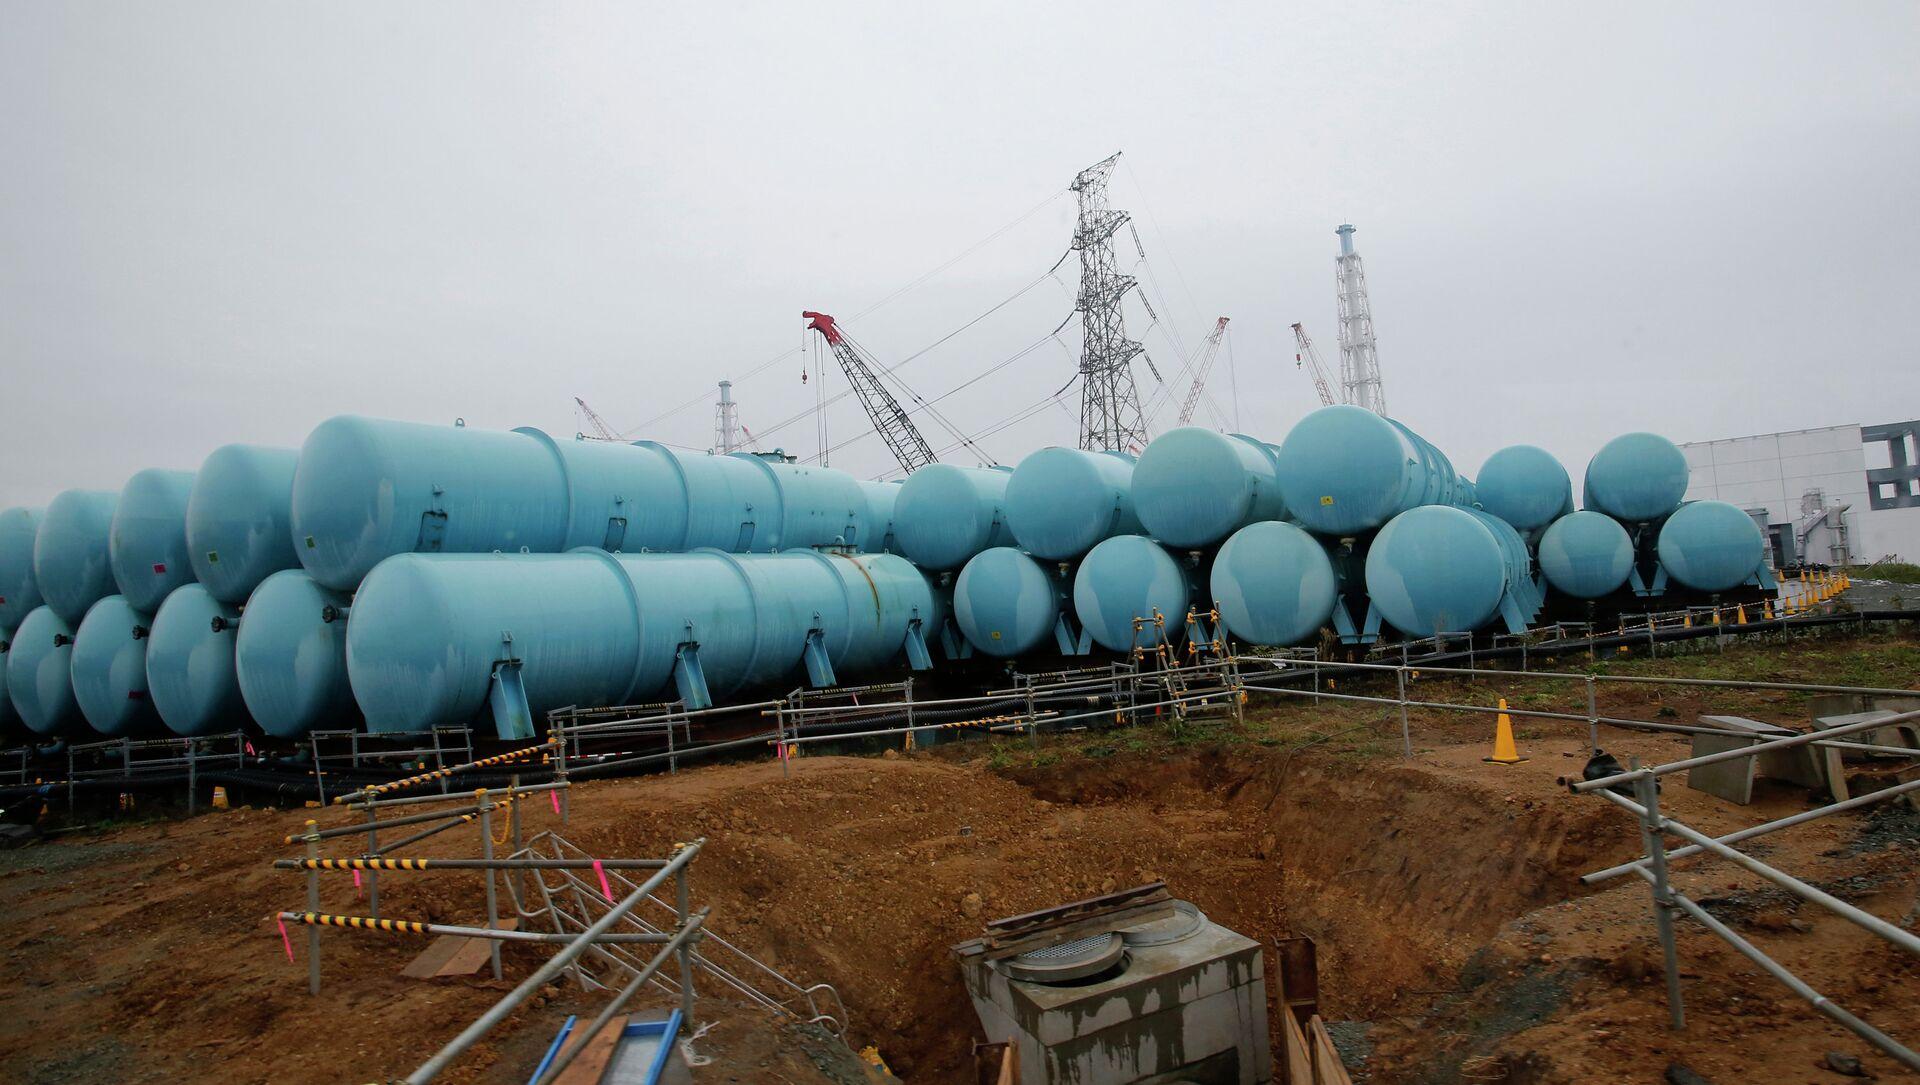 Conteneurs d'eau contaminée à la centrale nucléaire de Fukushima - Sputnik France, 1920, 25.08.2021